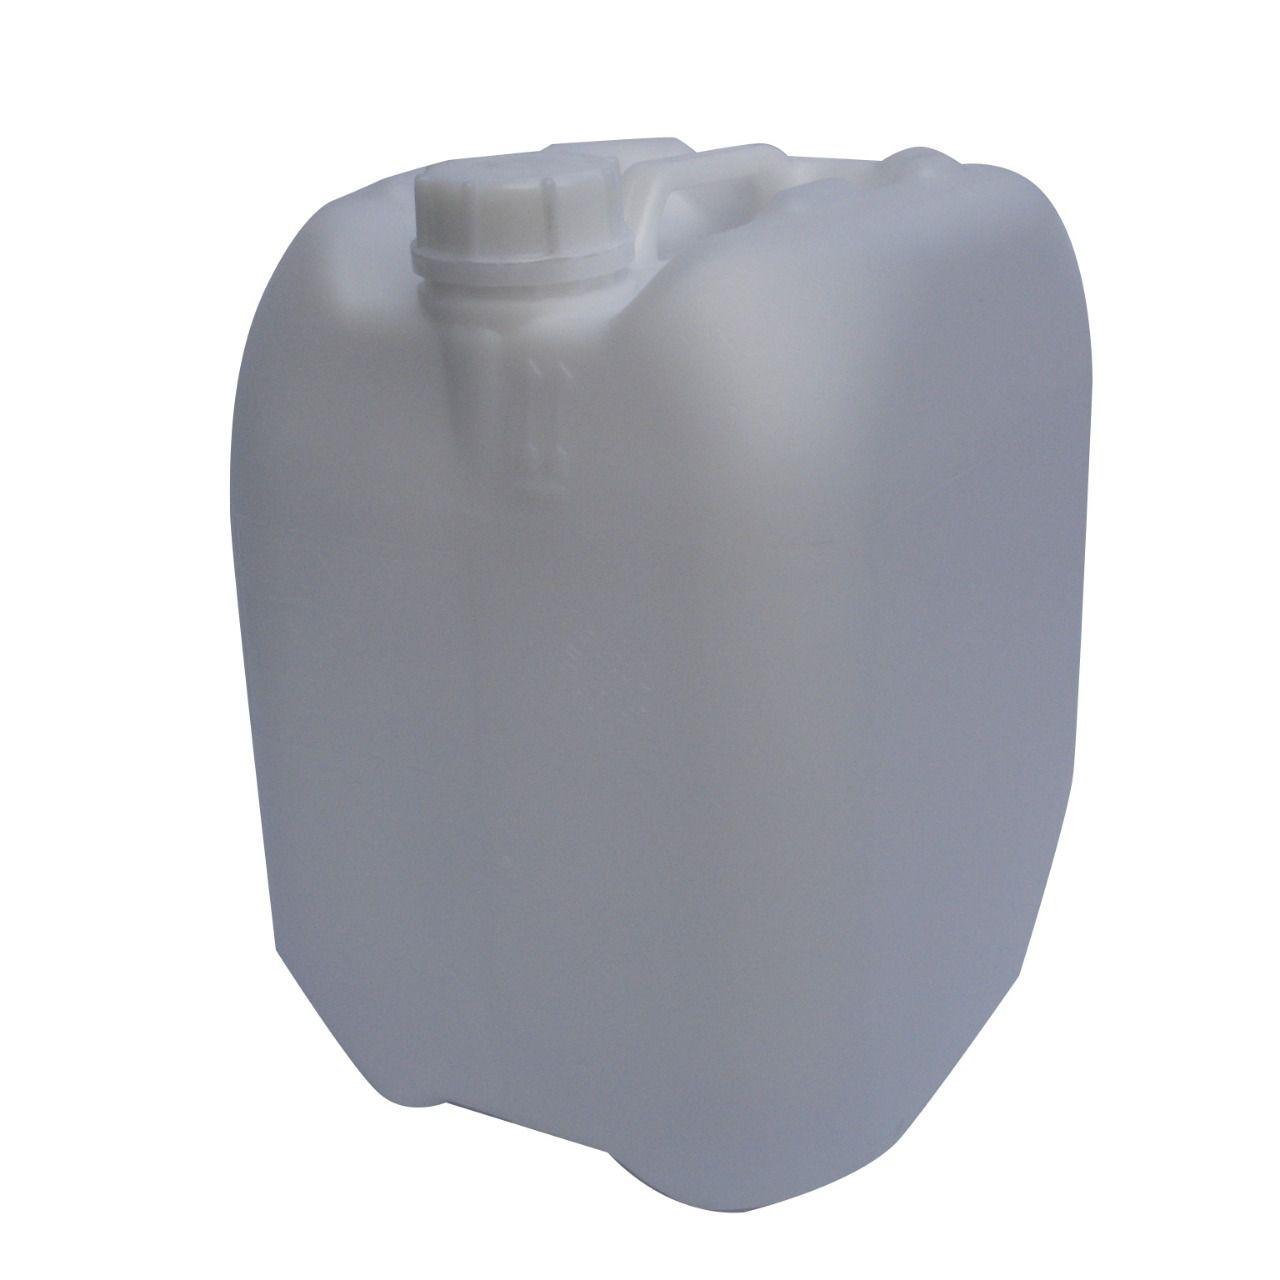 Bombona TF 20 litros - Certificado pelo INMETRO